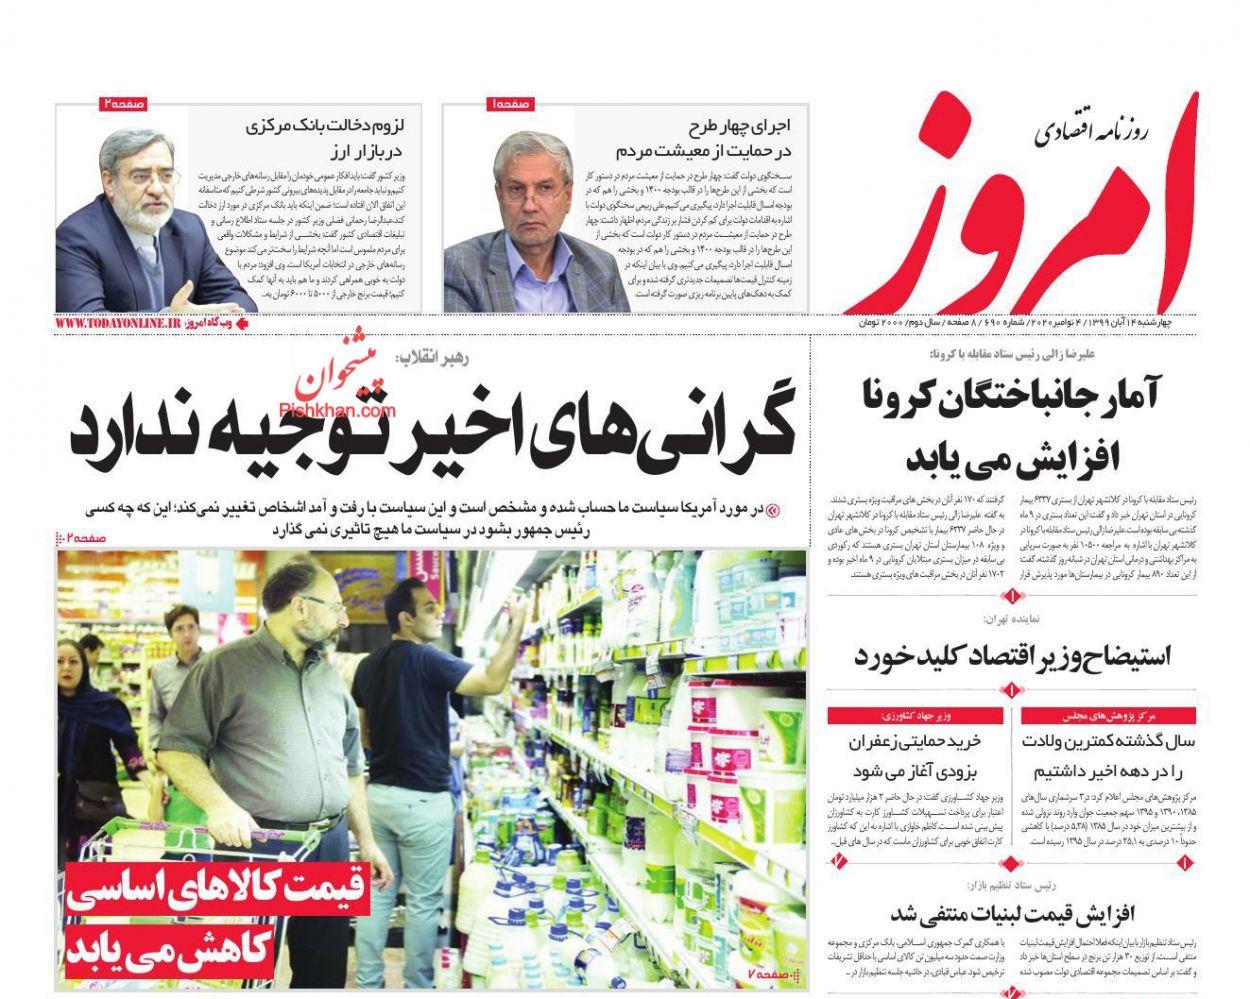 عناوین اخبار روزنامه امروز در روز چهارشنبه ۱۴ آبان